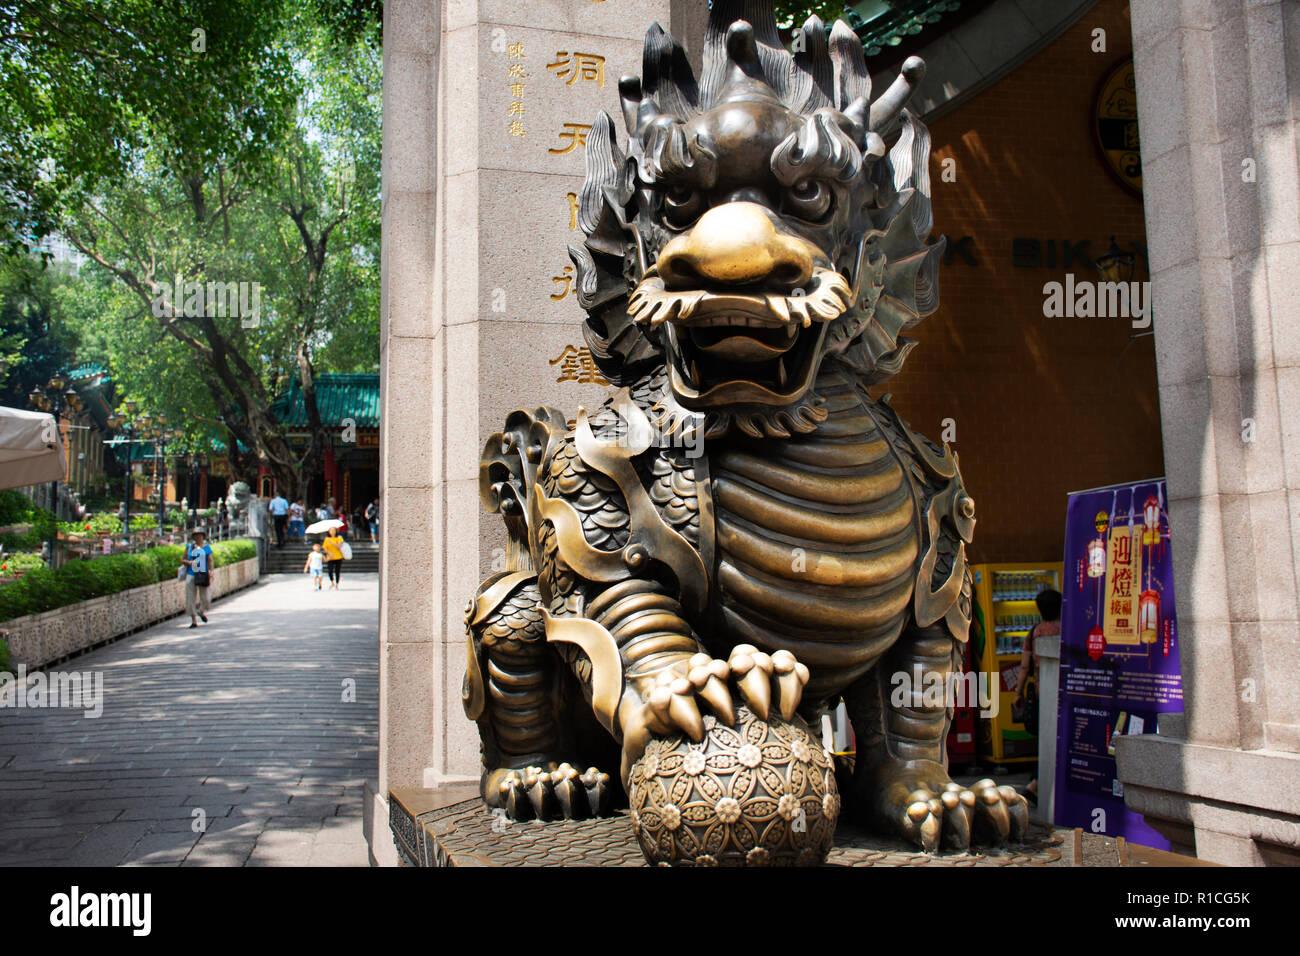 La escultura de piedra dragón Qilin guardián en la entrada del templo de Wong Tai Sin gente visita y respeto orando en Kowloon, el 9 de septiembre de 2018, en Hong Foto de stock